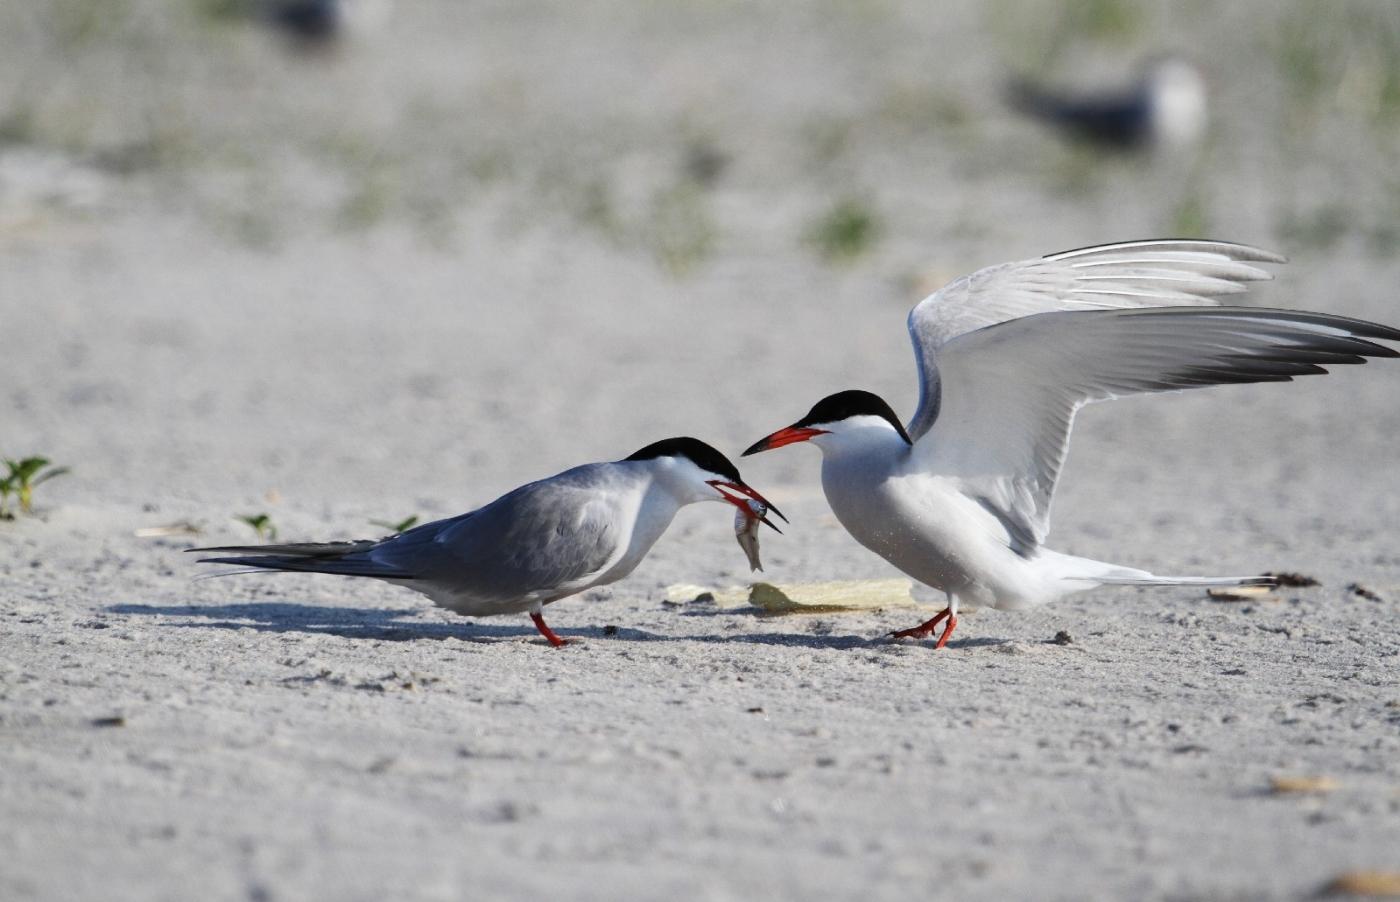 【田螺摄影】nickerson beach拍燕鸥_图1-4